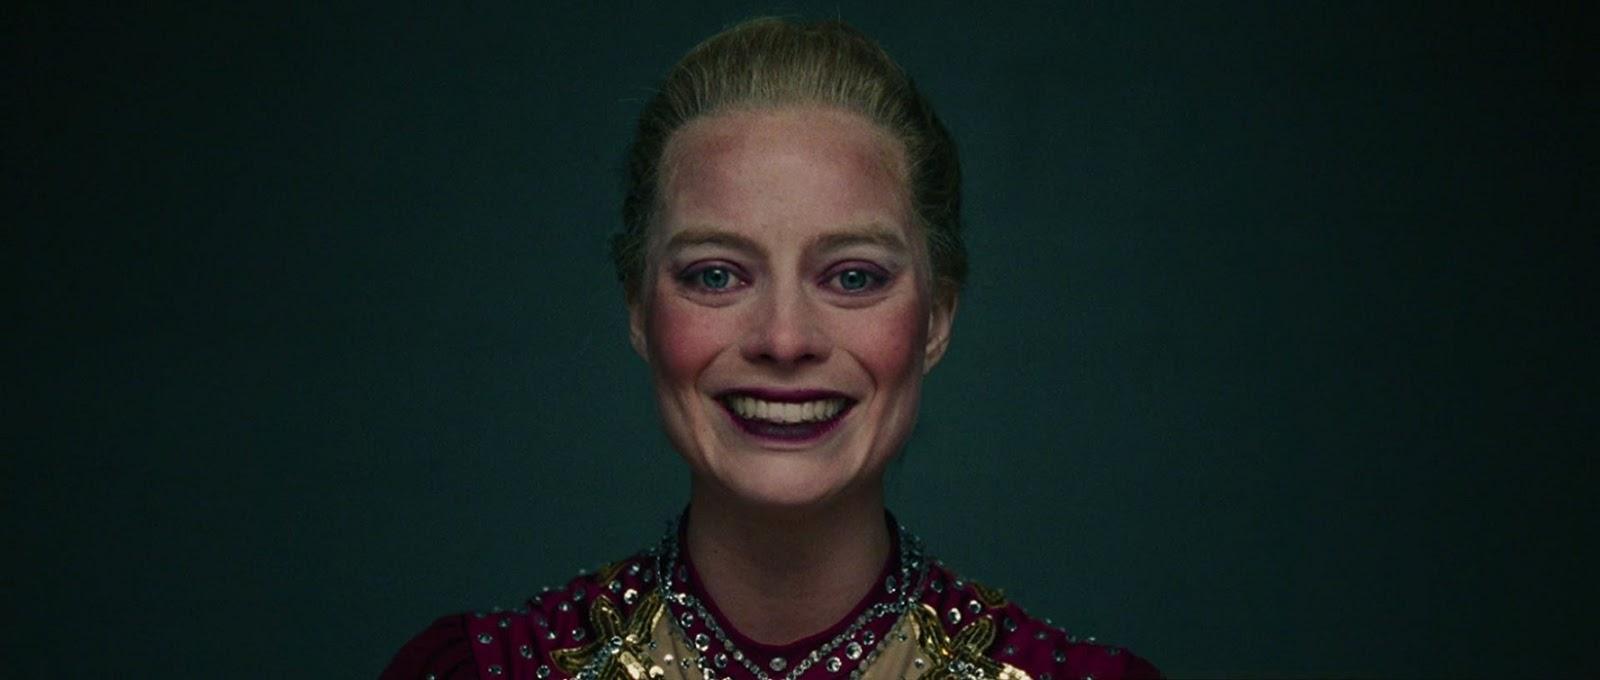 Natalie Portman suku puoli kohtaus Musta Joutsen